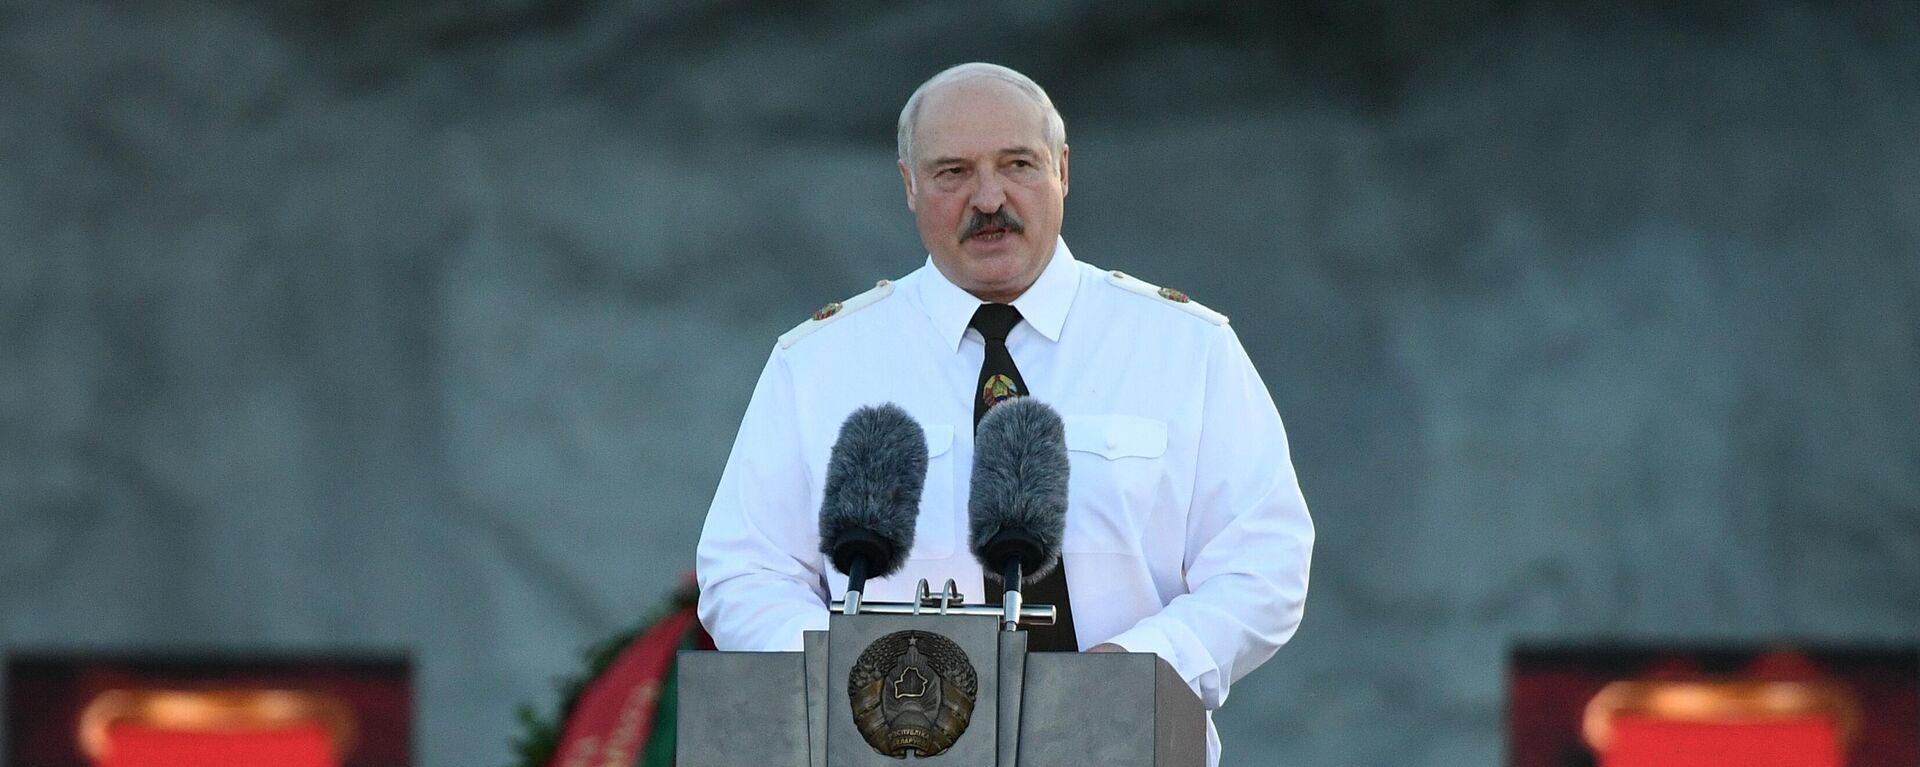 Alexander Lukaschenko in Brest vor einem Konzert anlässlich des 80. Jahrestages des Überfalls von Hitler-Deutschland auf die Sowjetunion  - SNA, 1920, 02.07.2021